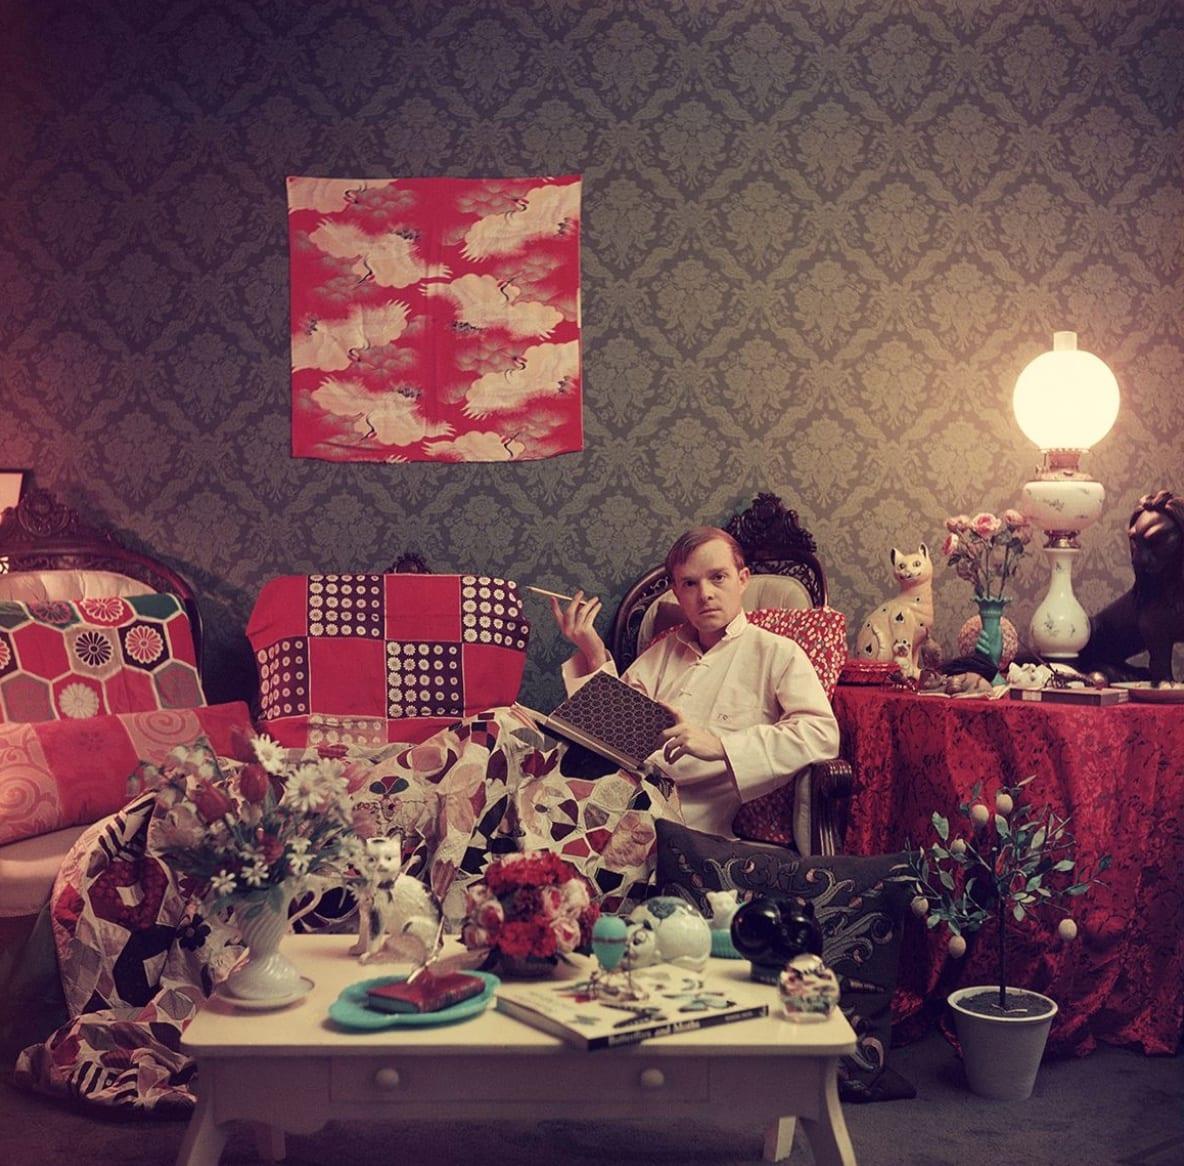 Slim Aarons, Truman Capote, Brooklyn Heights, New York, 1950s